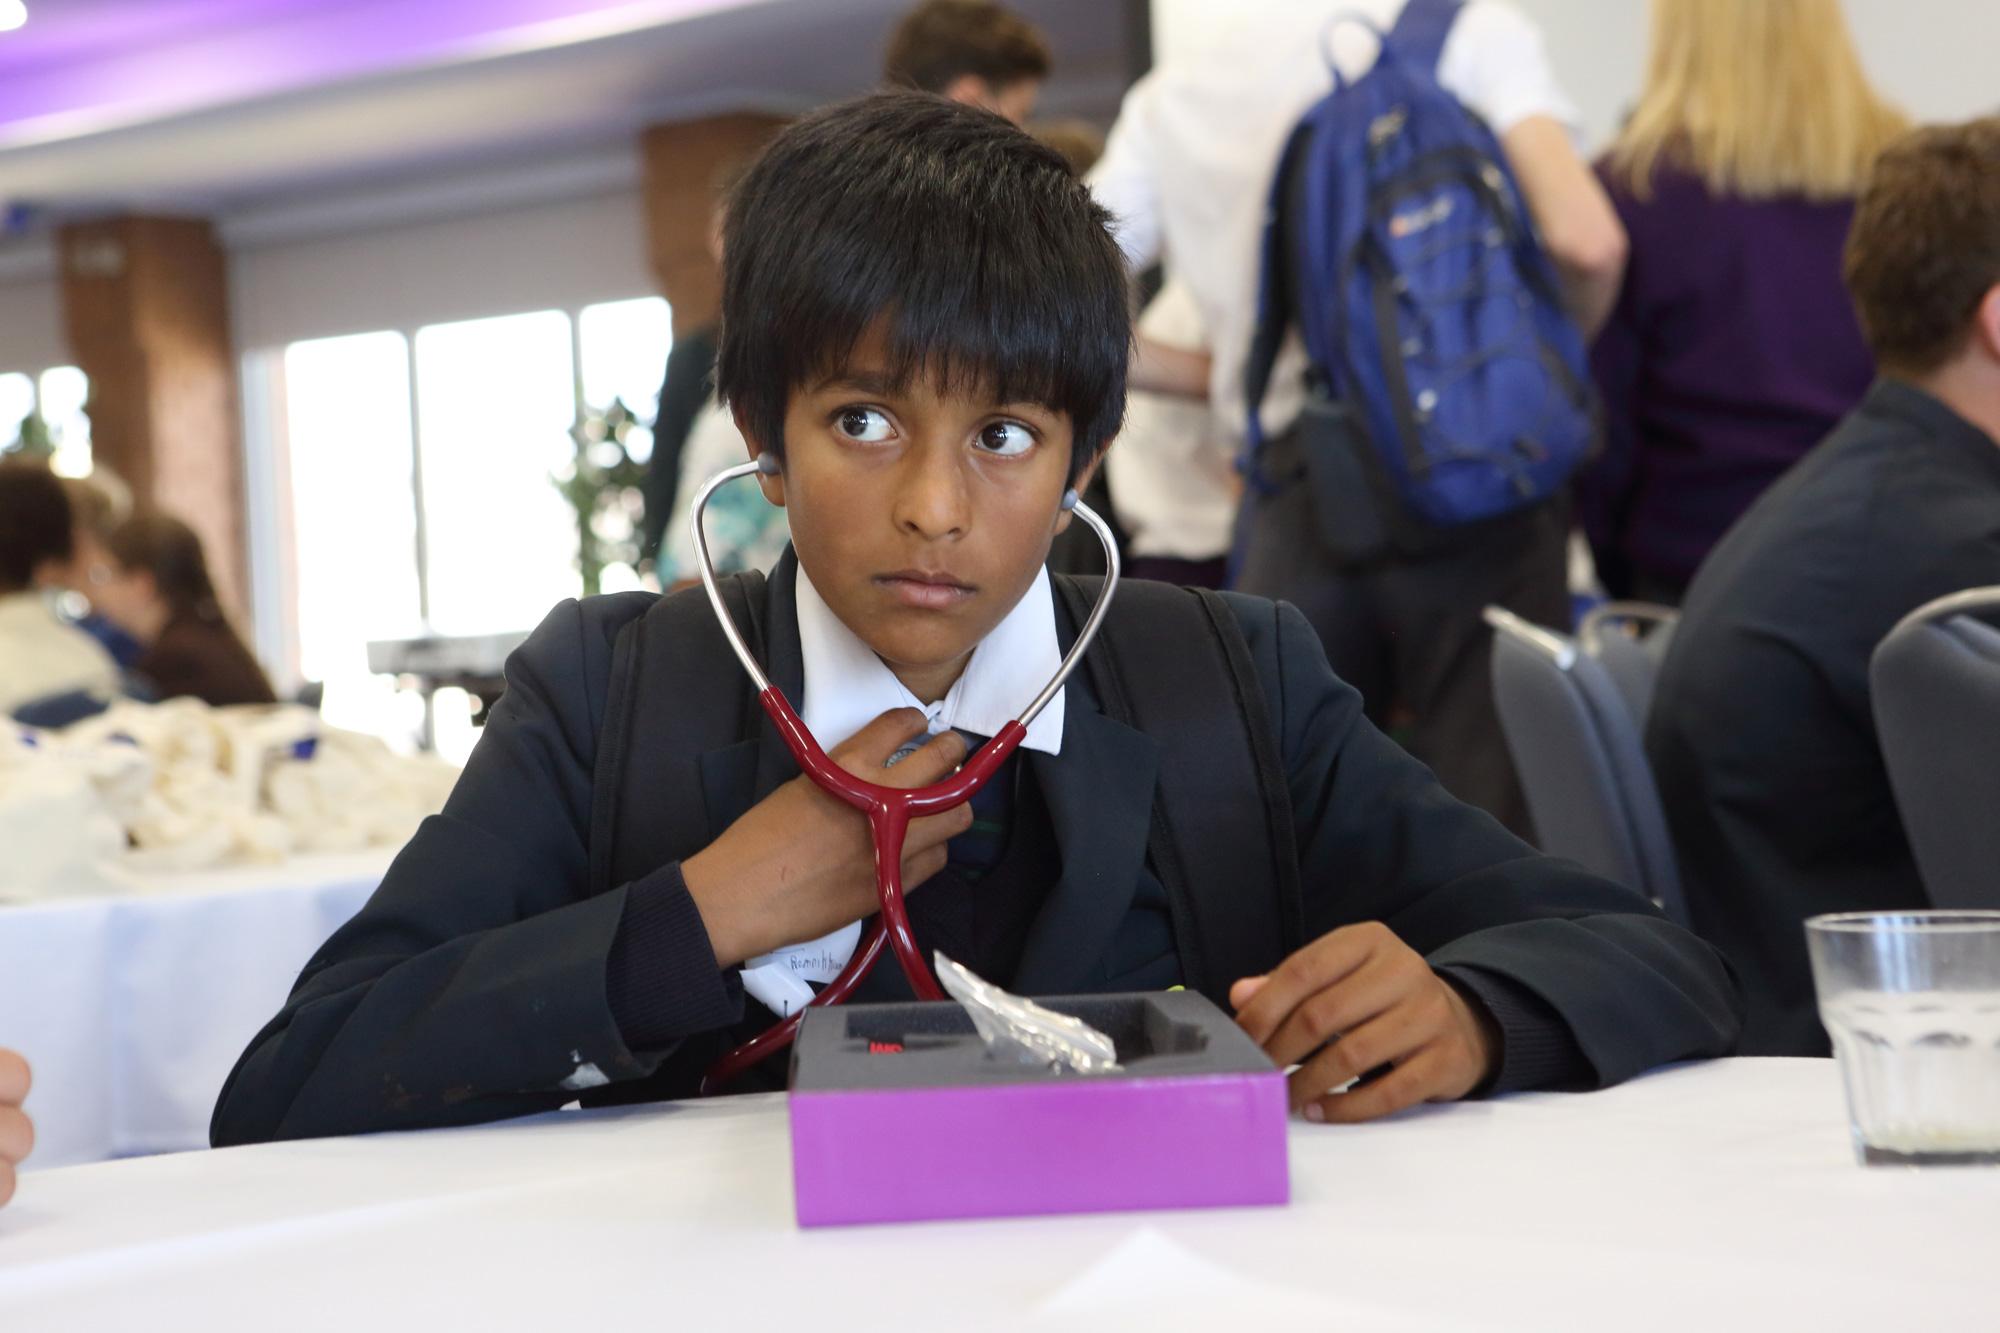 kid-with-stethascope.jpg